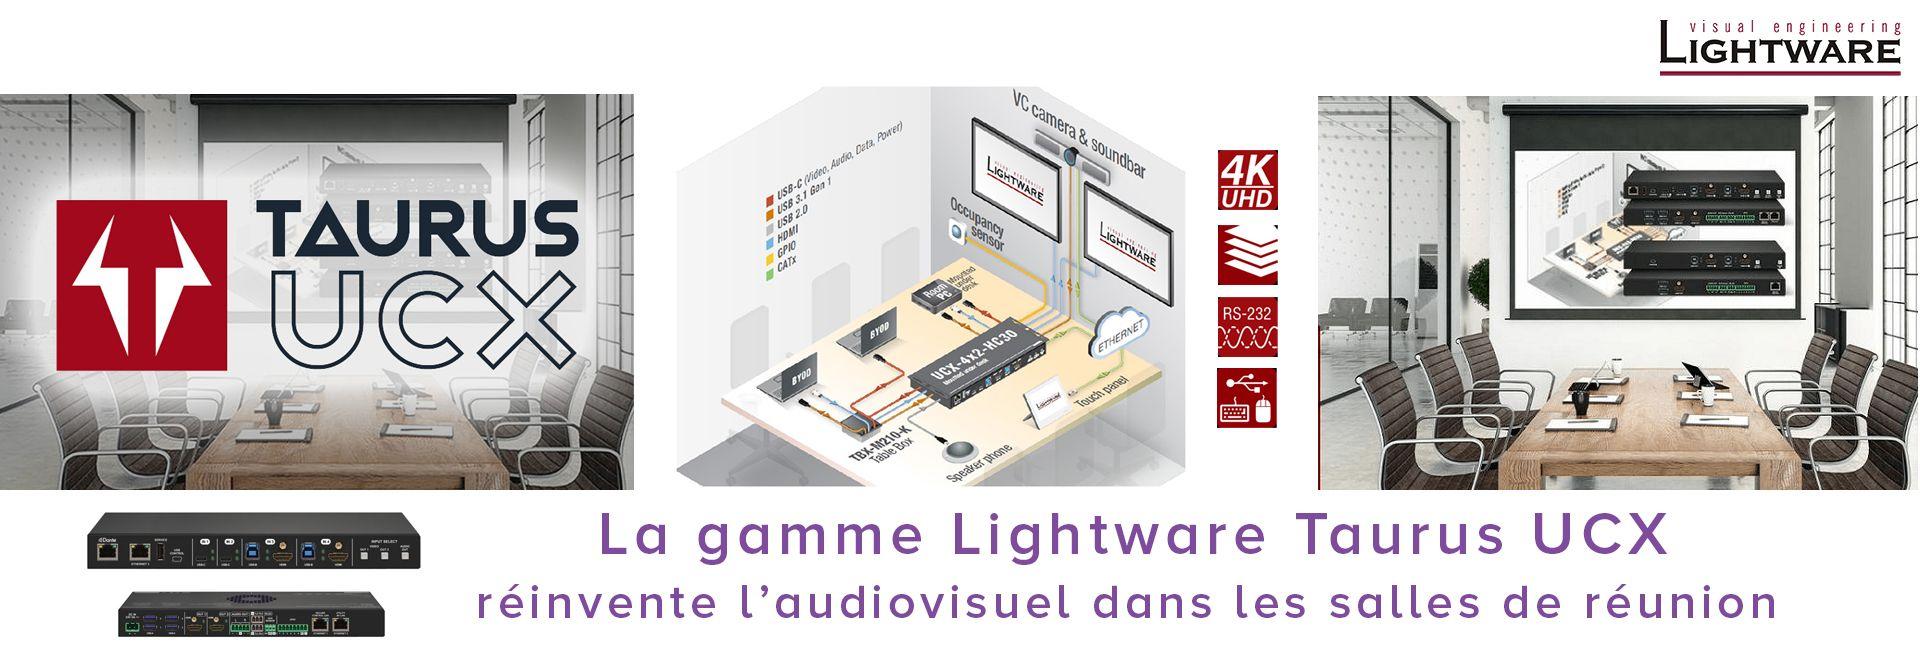 La gamme Lightware Taurus UCX